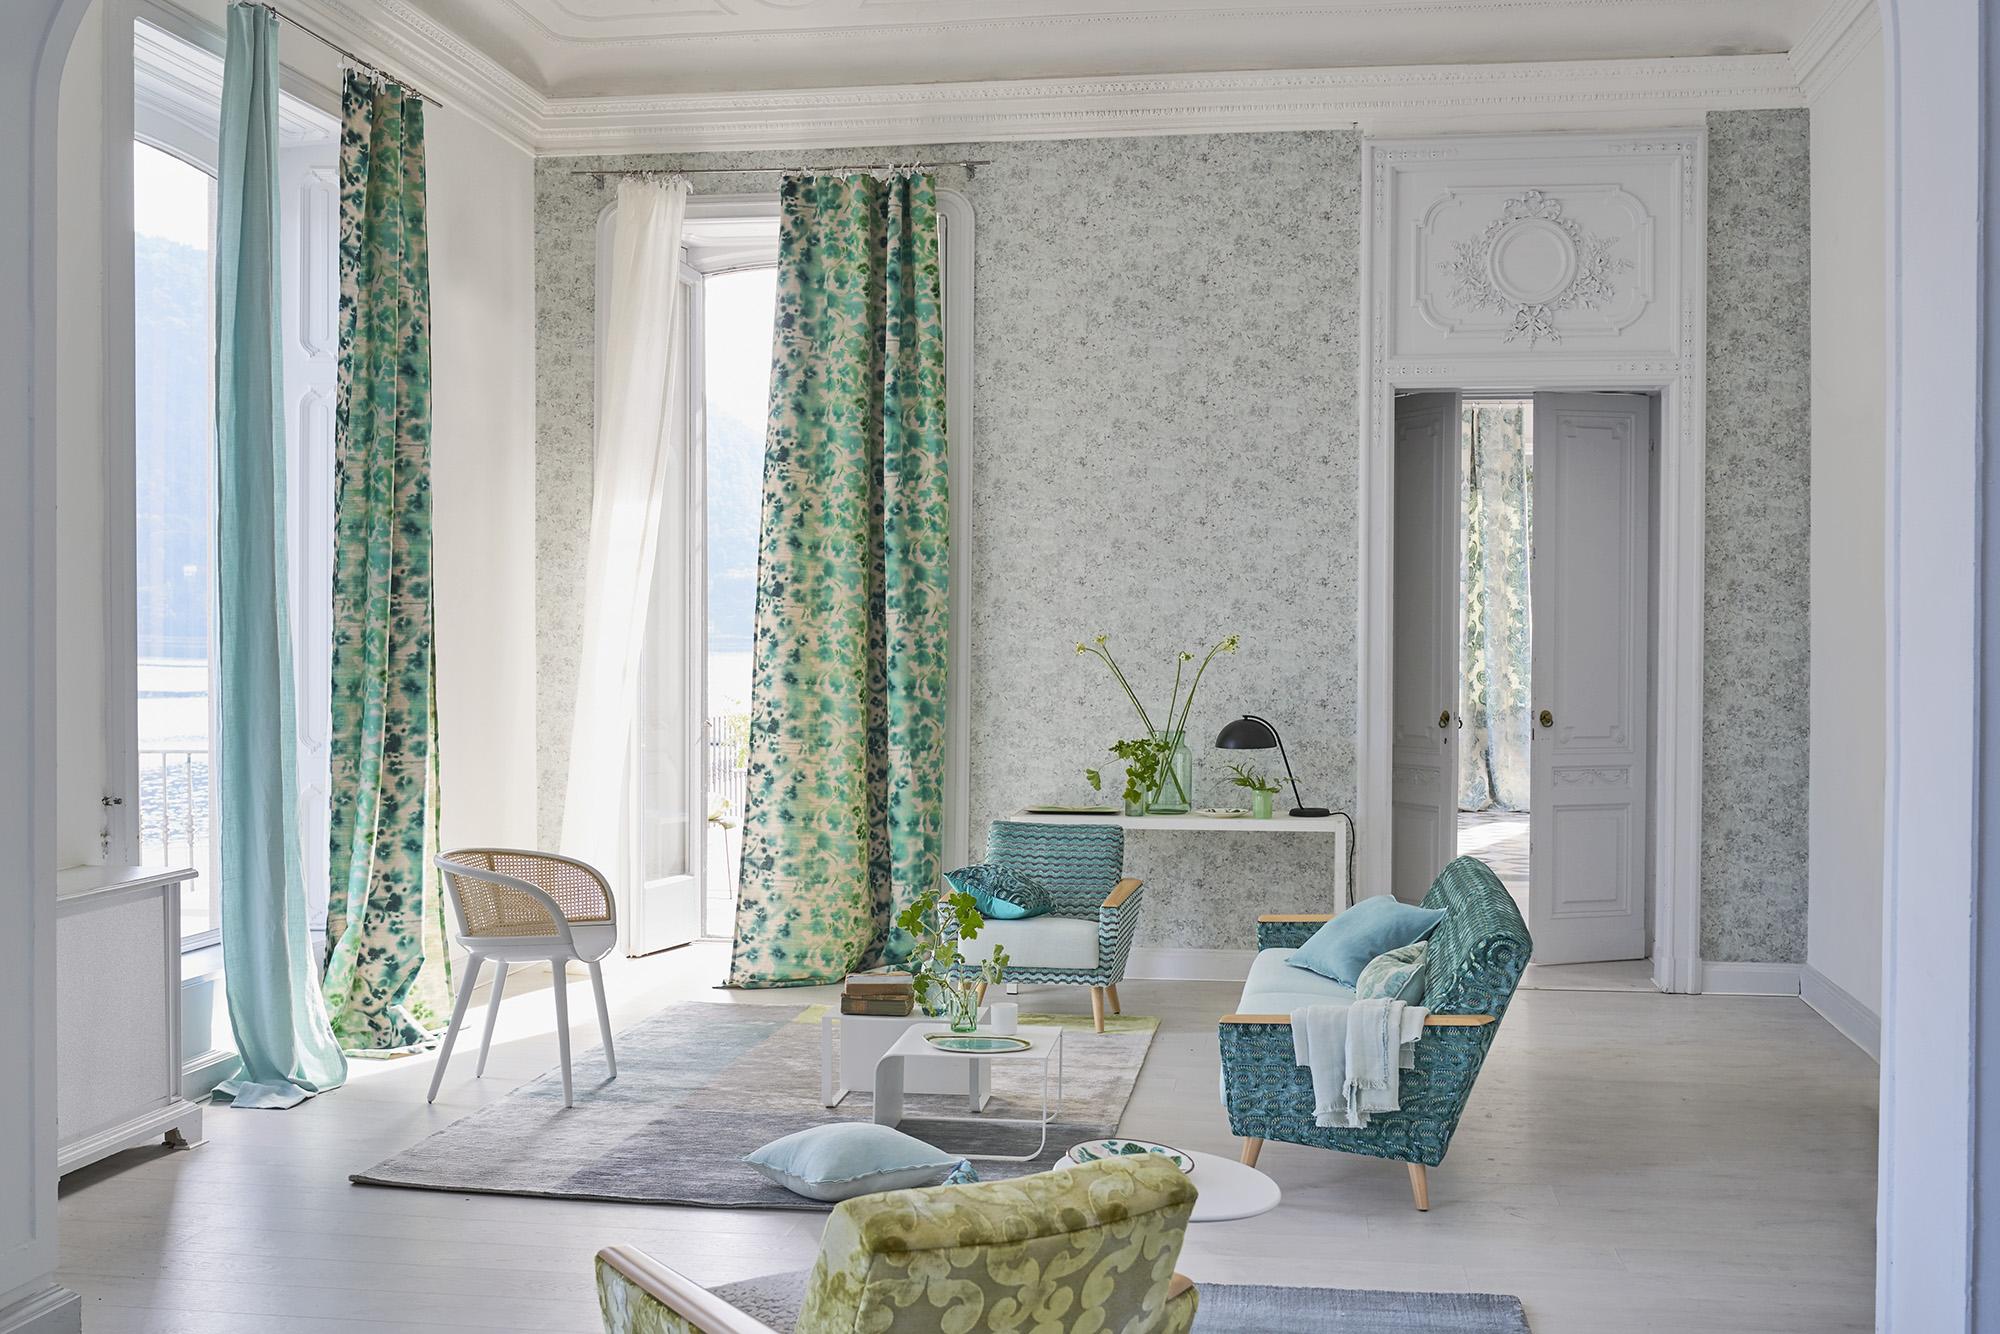 coin perdu bloemen en interieur tongeren exclusief verdeler van designers guild en ptmd. Black Bedroom Furniture Sets. Home Design Ideas